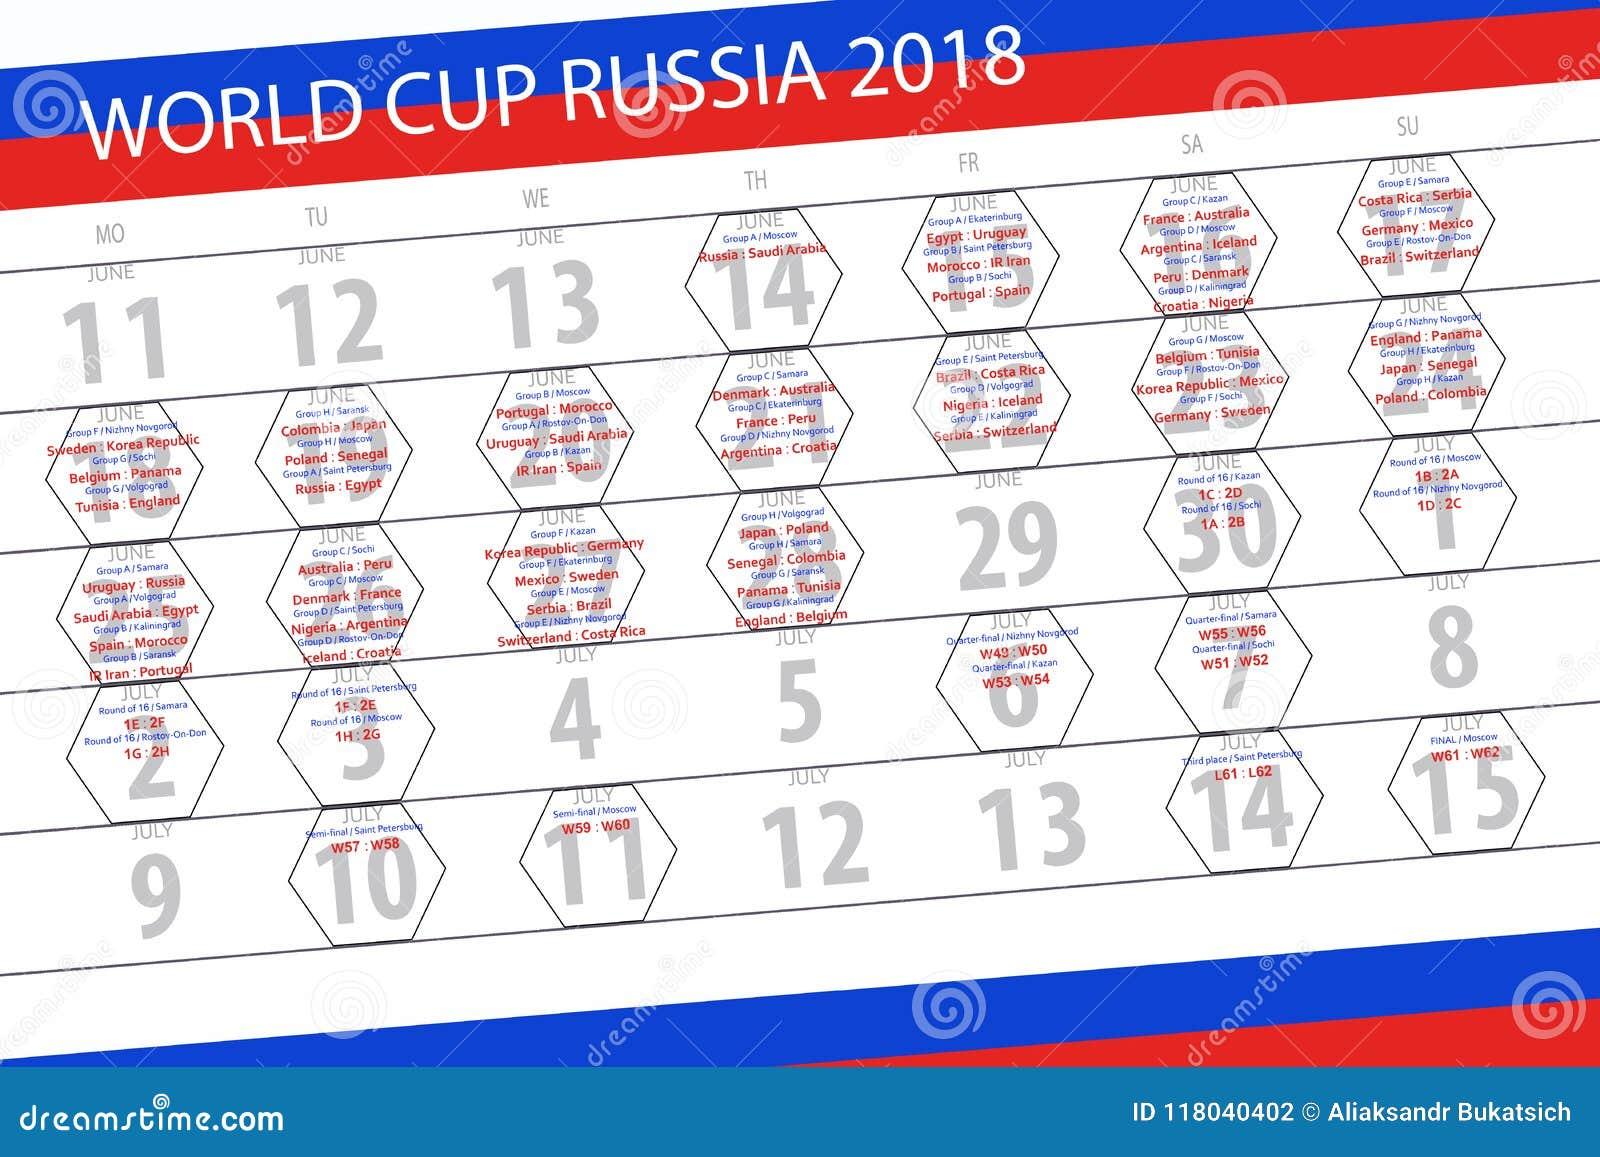 Coupe Du Monde De Football Calendrier.Calendrier Des Matchs De La Coupe Du Monde En Russie 2018